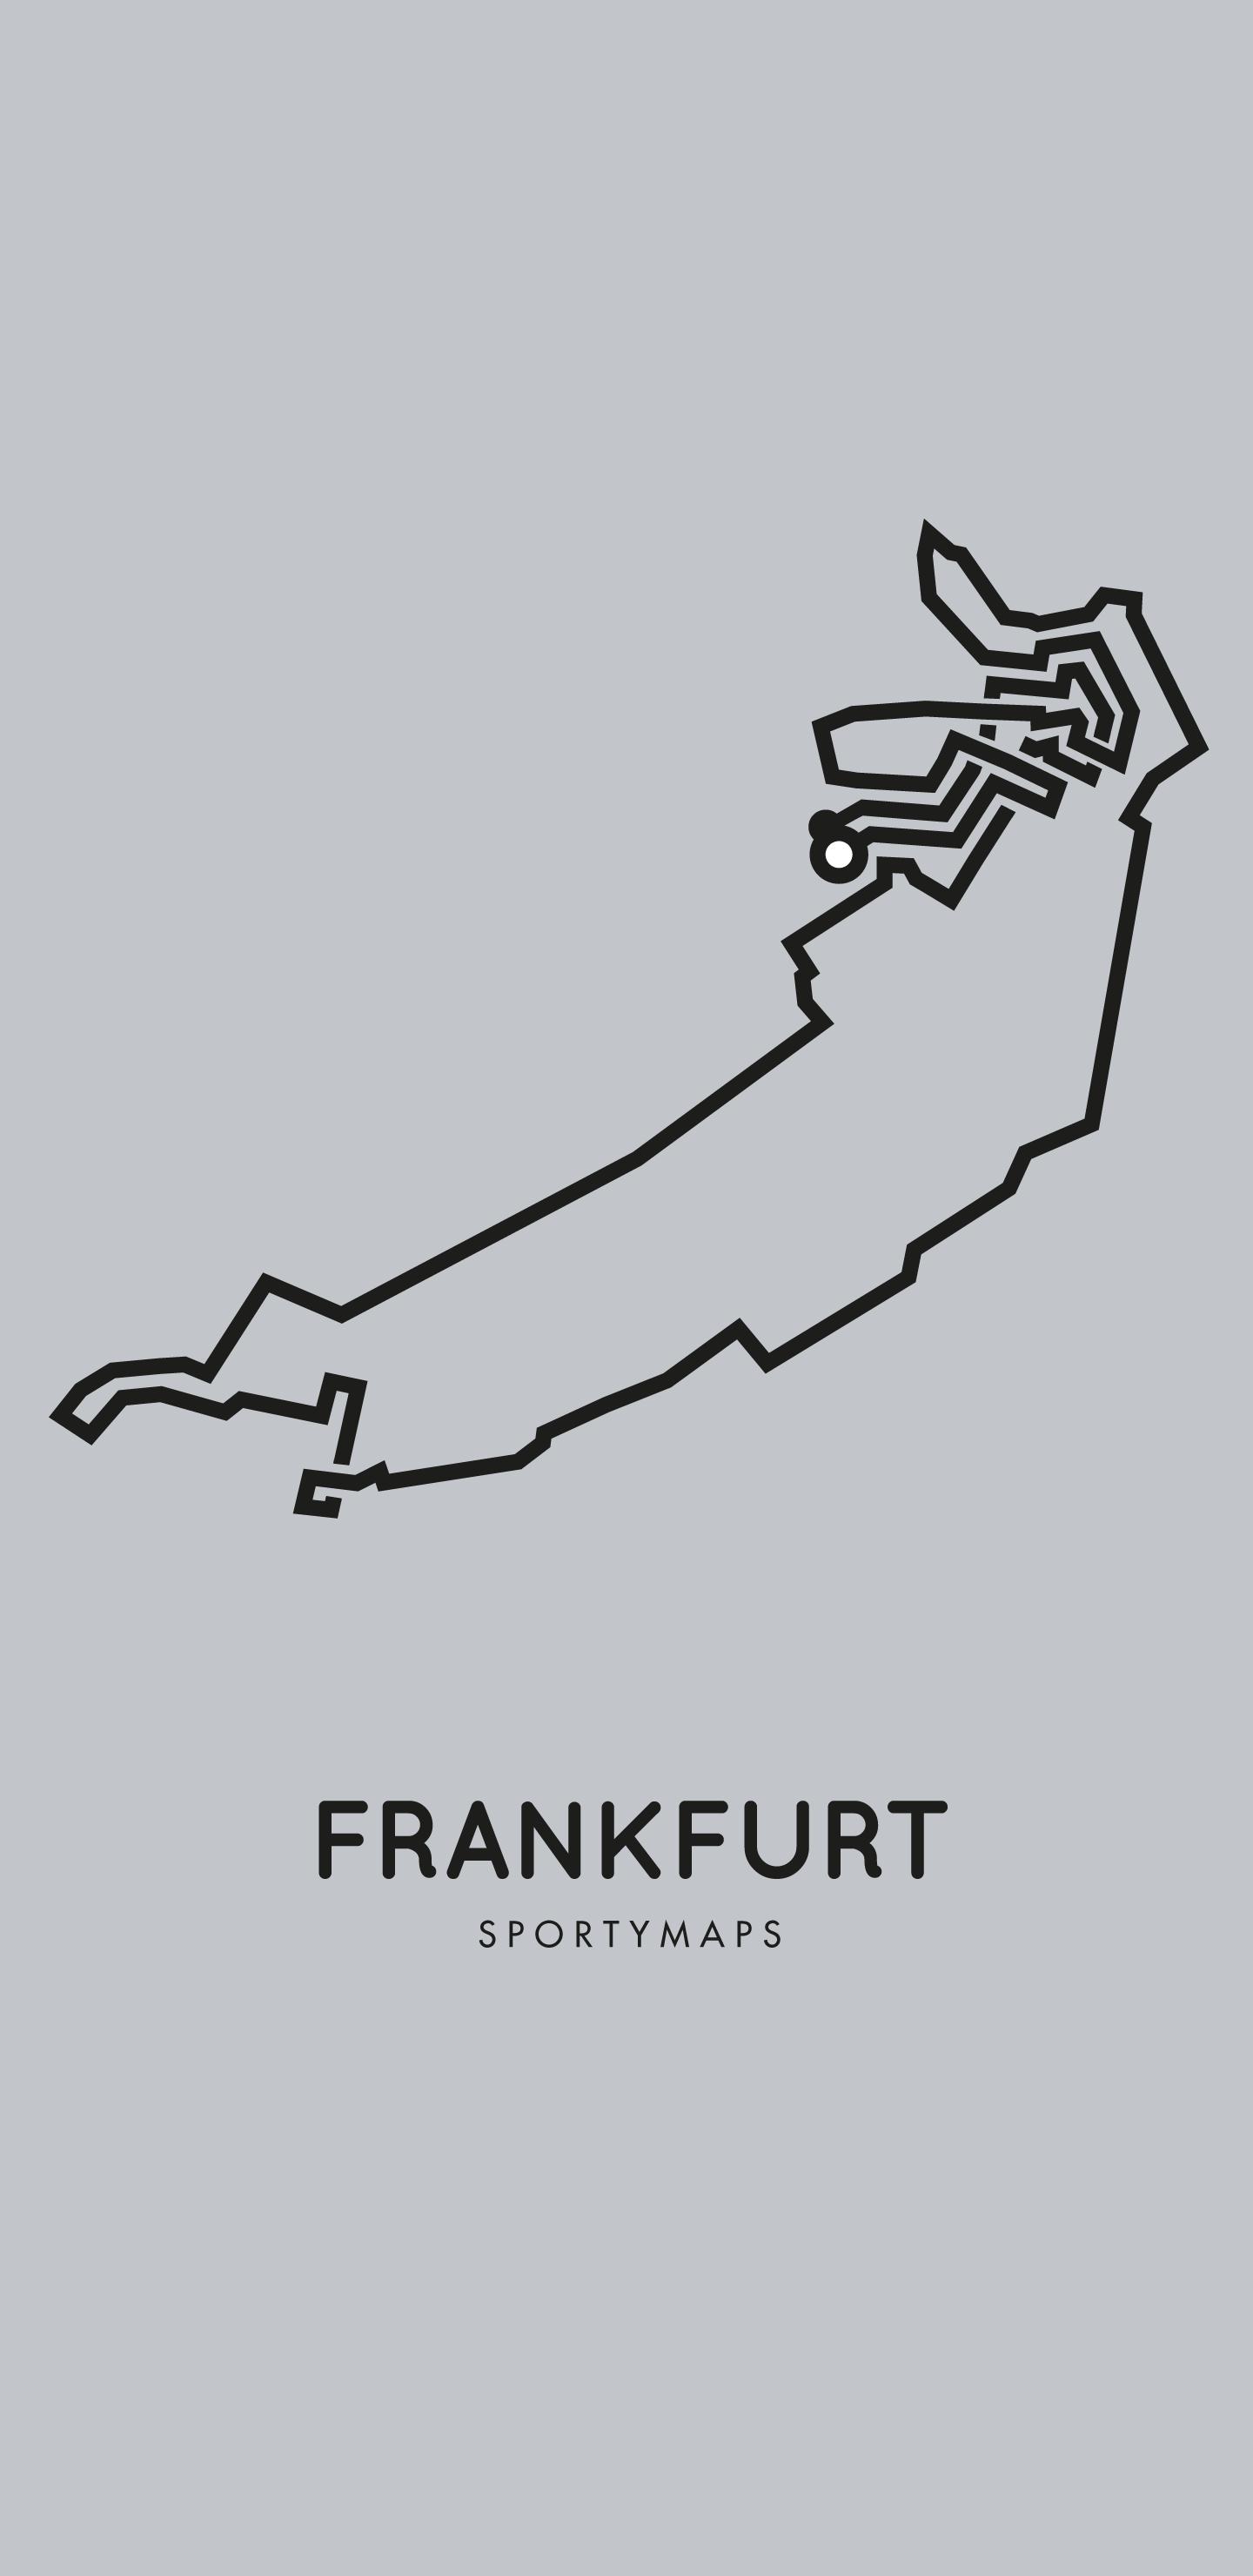 Sportymaps-Frankfurt-marathon-gray